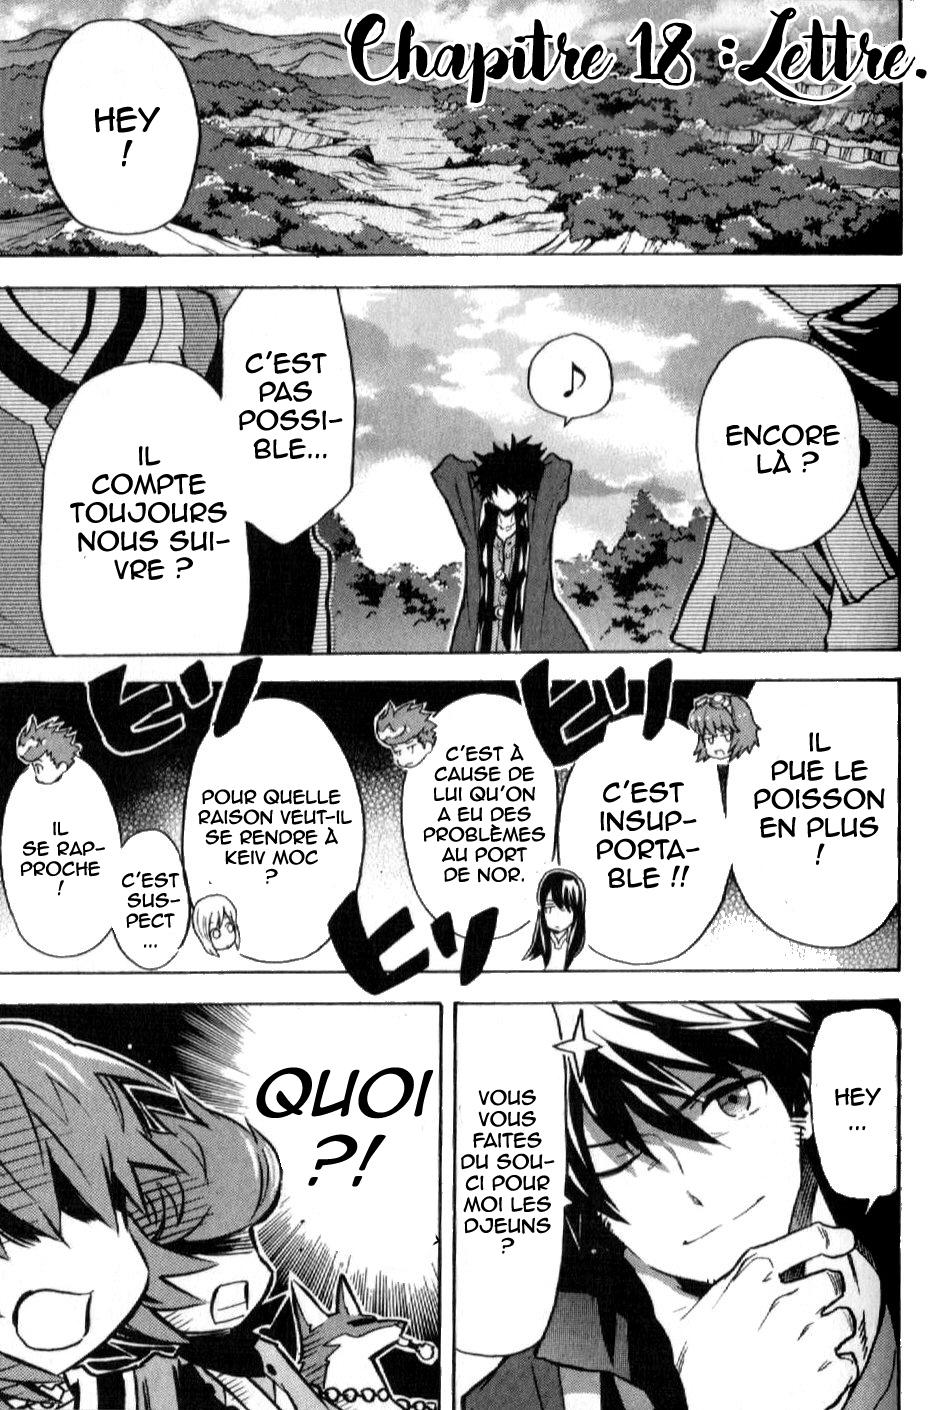 https://nine.mangadogs.com/fr_manga/pic1/6/2054/74679/TalesofVesperia18VF_0_713.jpg Page 1